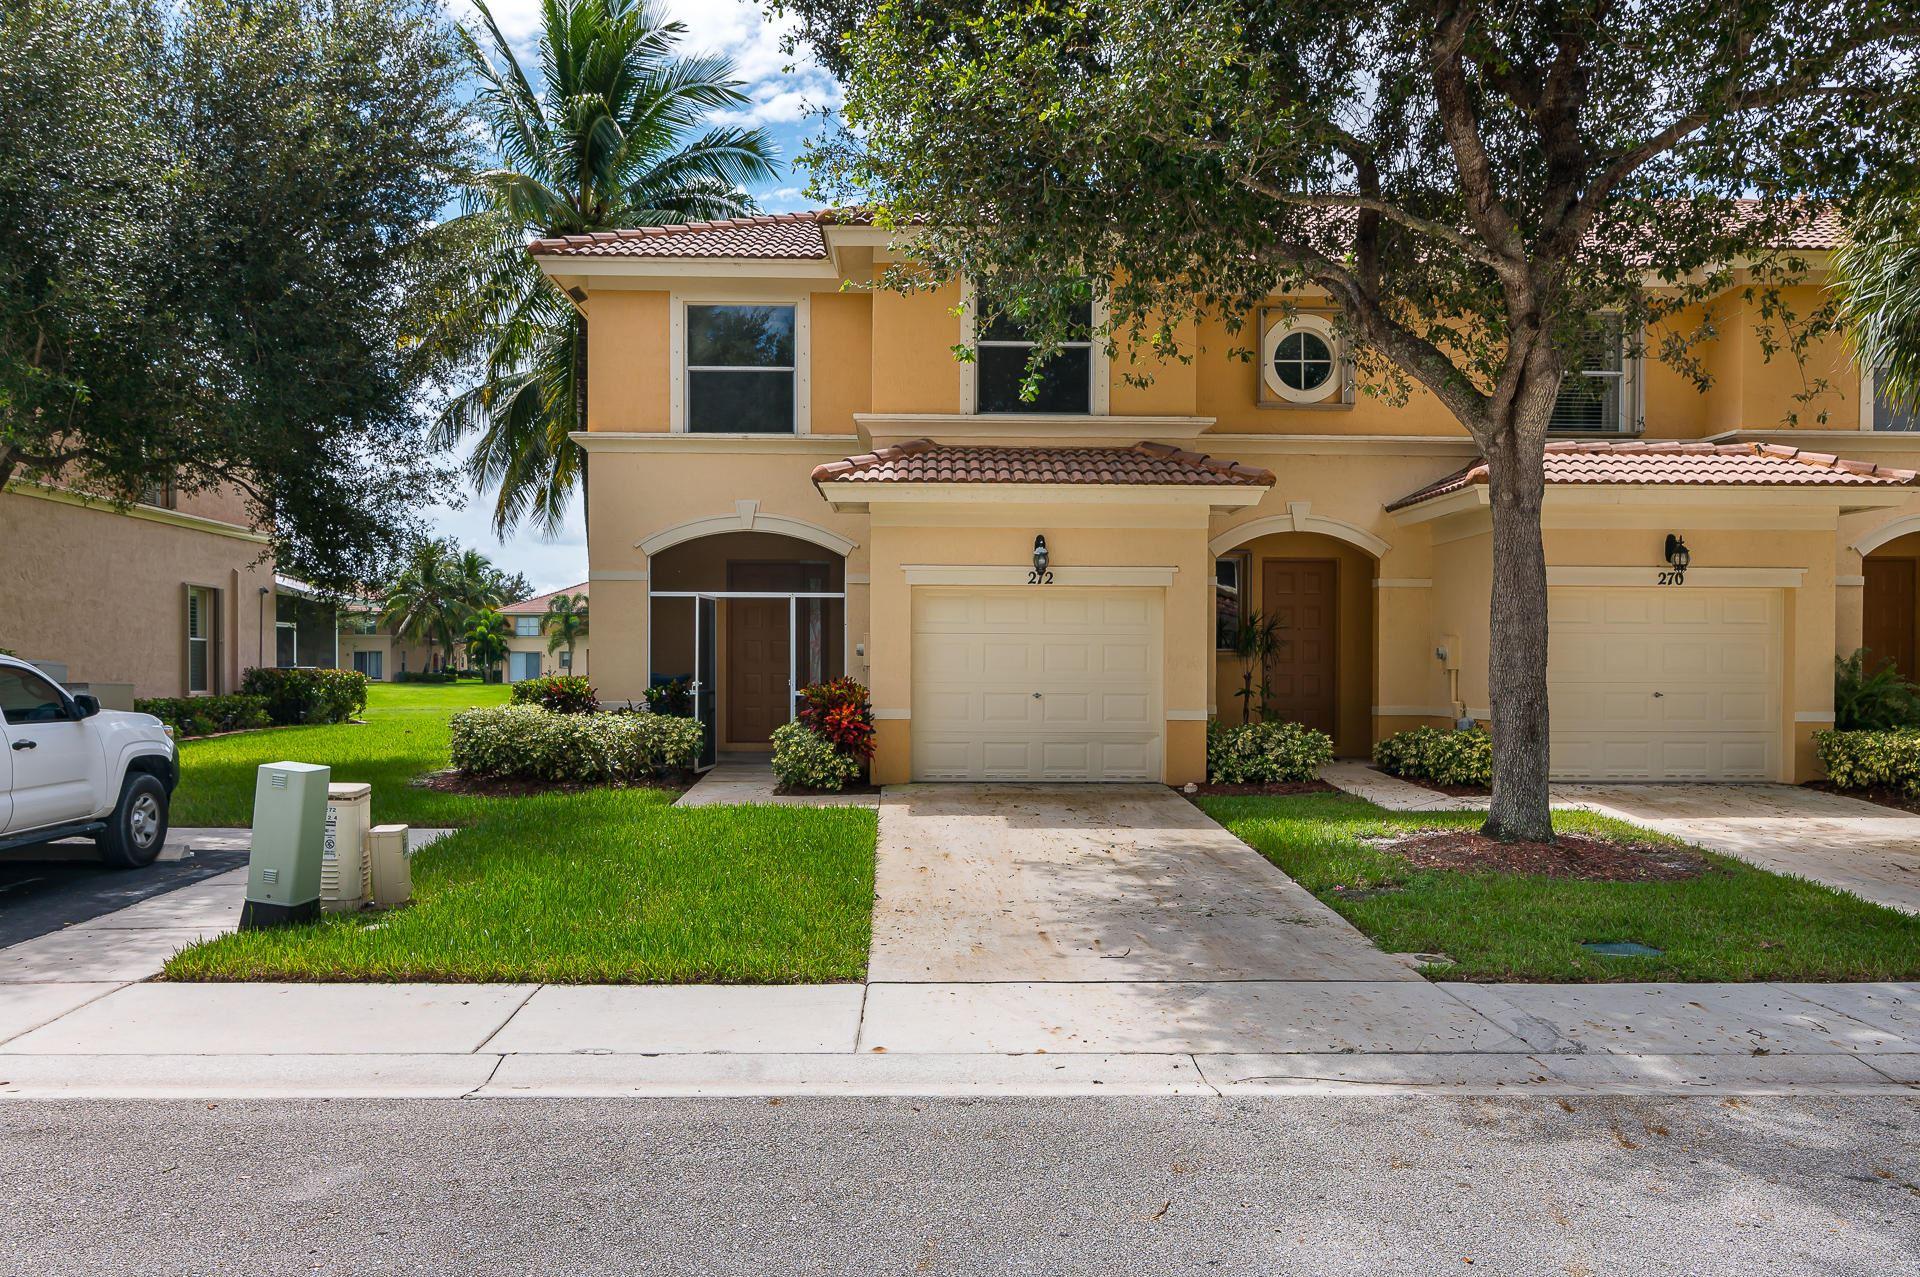 272 River Bluff Lane, Royal Palm Beach, FL 33411 - #: RX-10655470